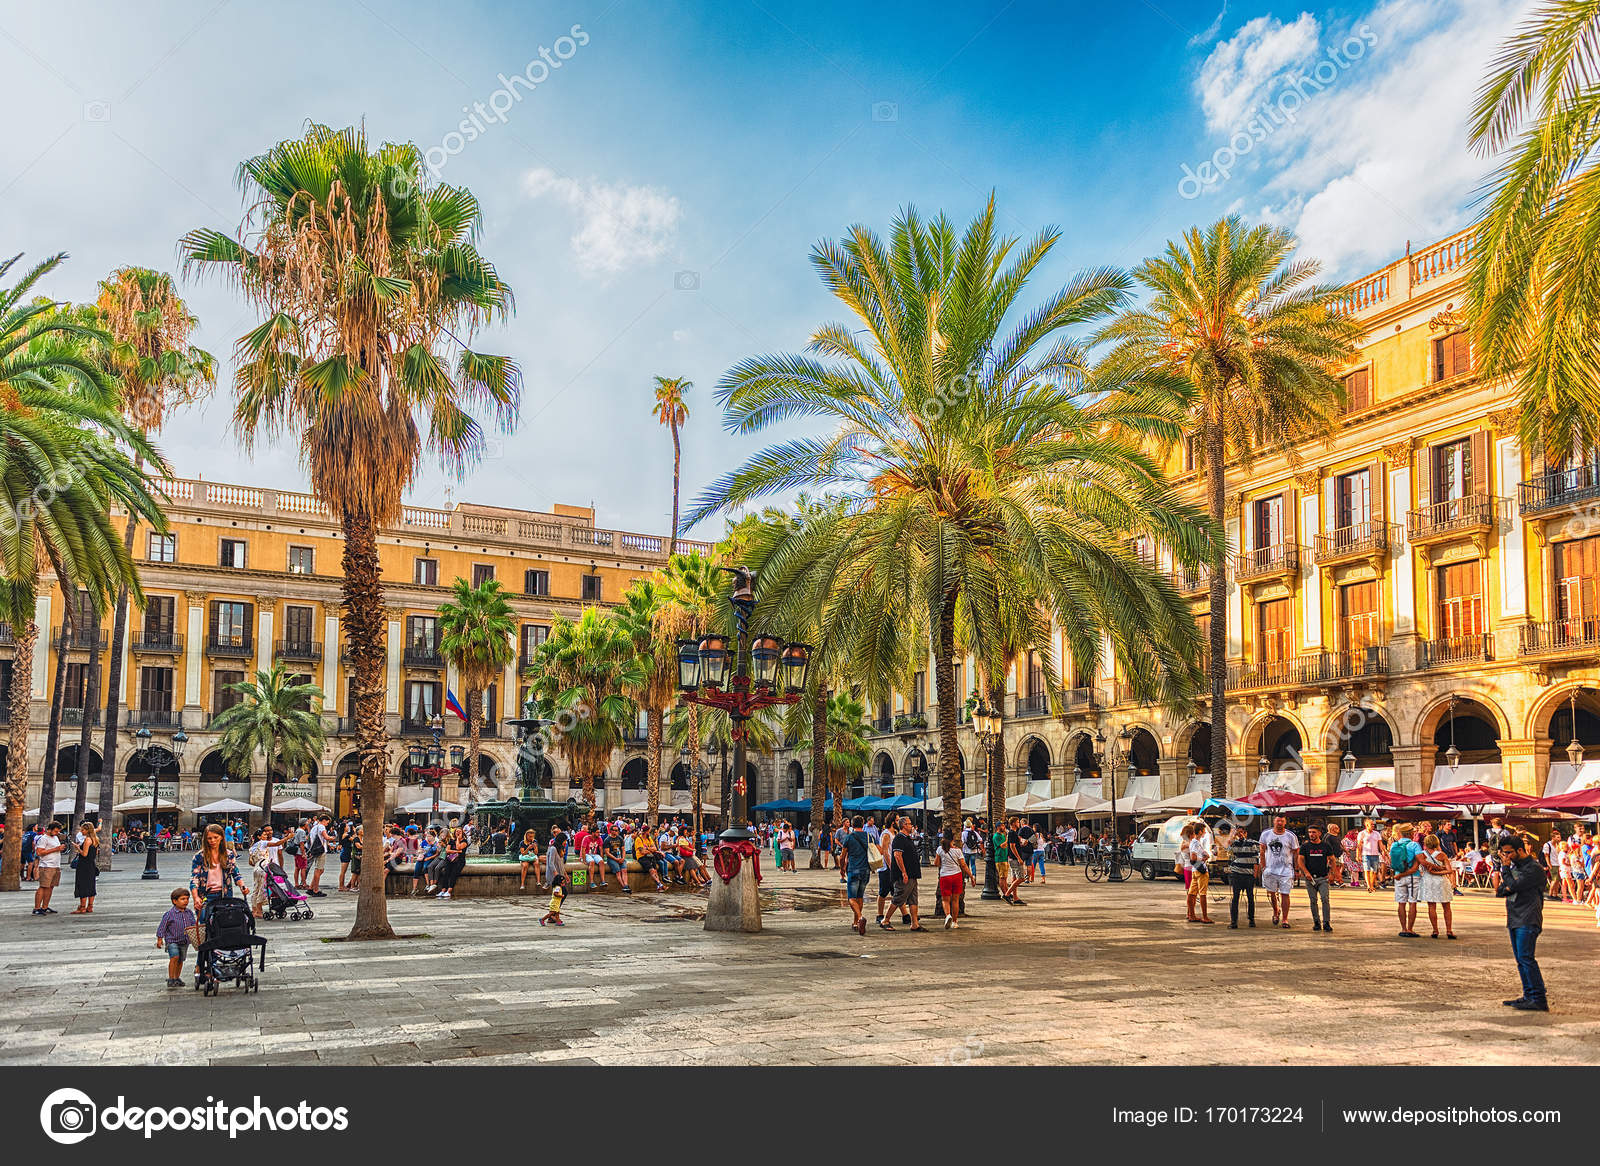 Βαρκελώνη dating δωρεάν